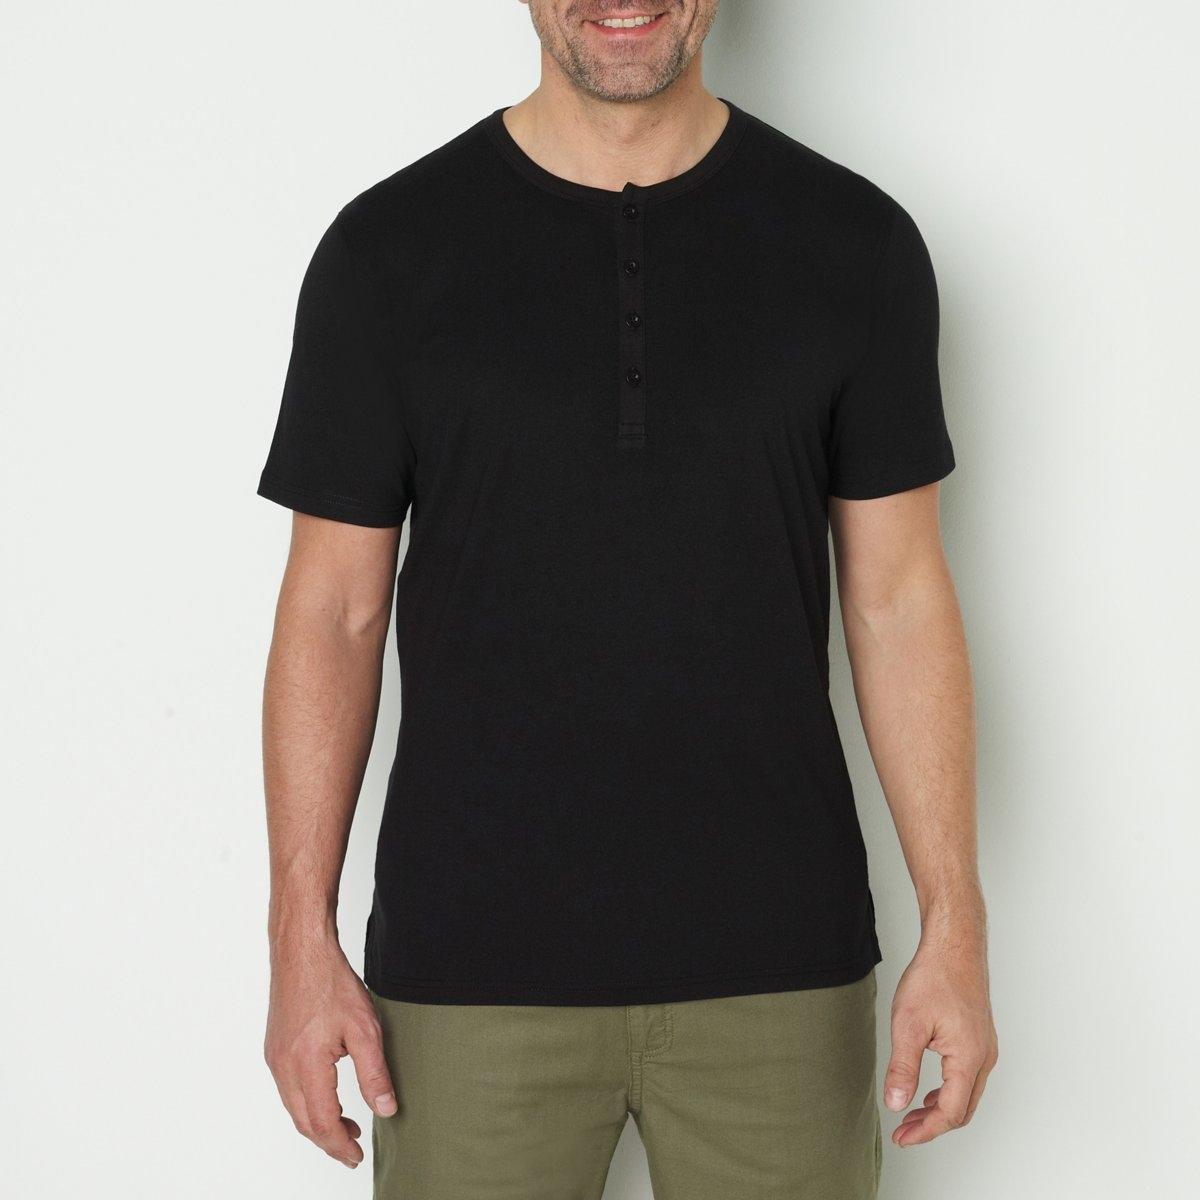 Футболка с круглым вырезом с разрезом спереди и короткими рукавами, 100% хлопокдлина спереди : 76 см для размера 50/52 и 86 см для размера 90/92.- длина рукавов : 22,8 см для размера 50/52 и 28,8 см для размера 90/92.<br><br>Цвет: темно-серый меланж,темно-синий,черный<br>Размер: 58/60.70/72.62/64.74/76.50/52.78/80.54/56.62/64.66/68.66/68.54/56.82/84.74/76.82/84